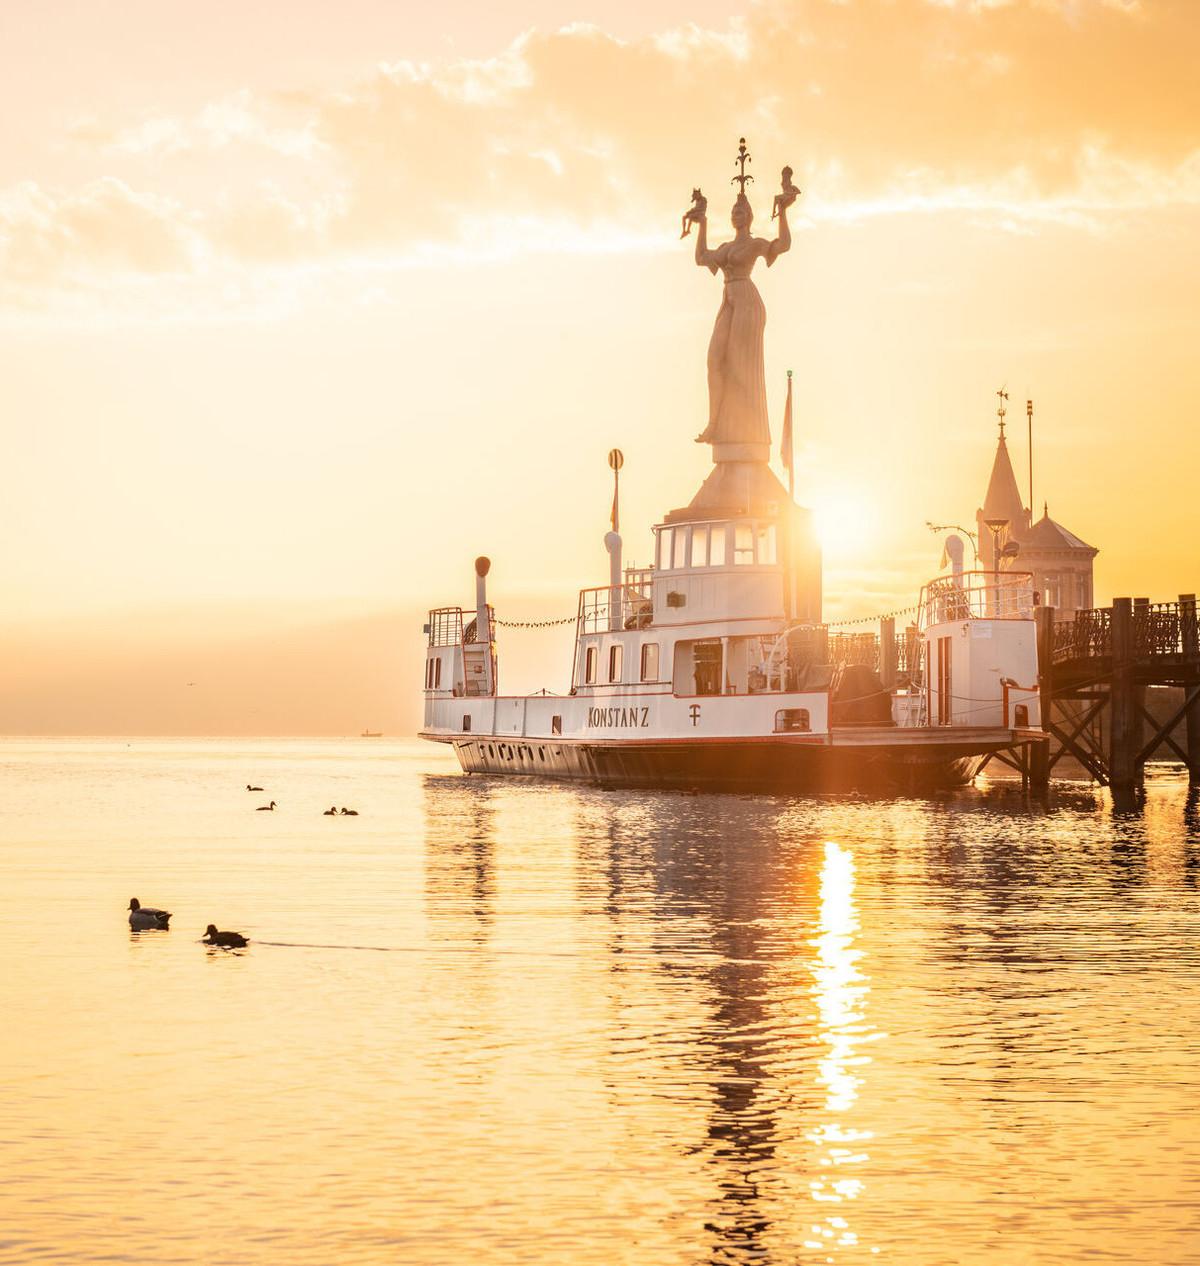 Konstanz-Hafen-Imperia-Alte-Faehre-Sonnenaufgang-05_Herbst_Copyright_MTK-Dagmar-Schwelle